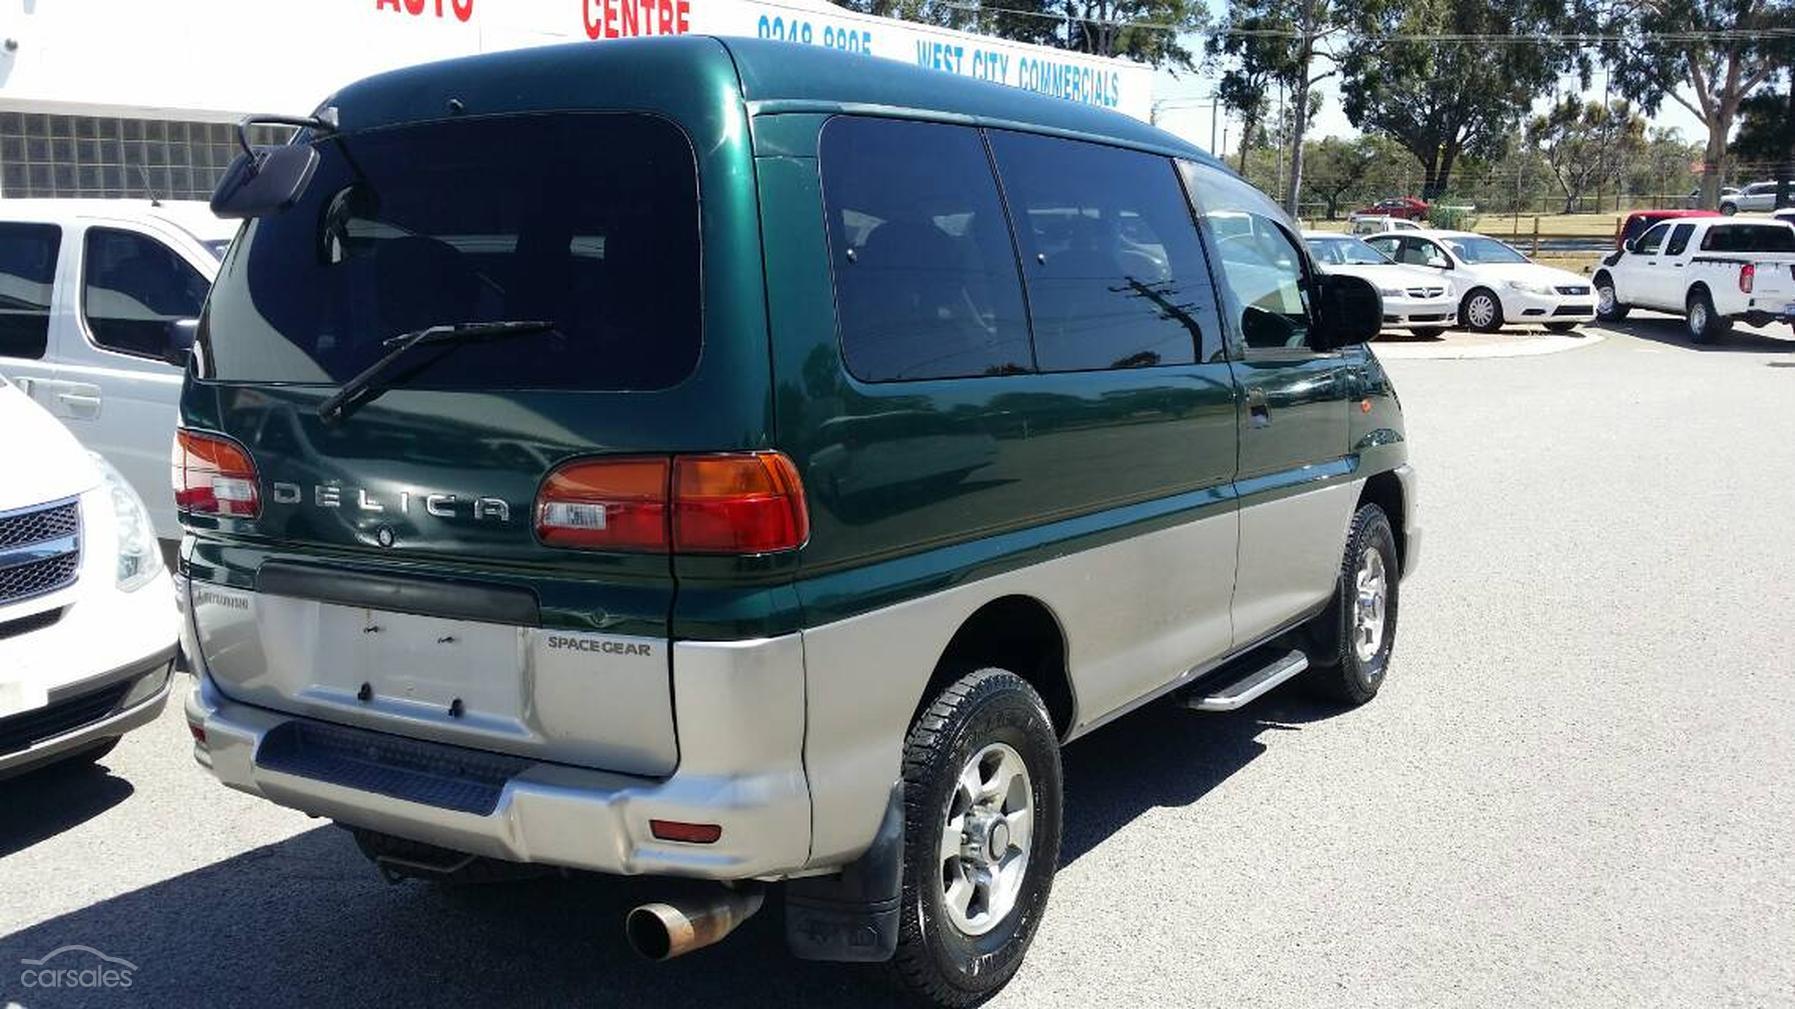 beea90e2c6 1998 Mitsubishi Delica Auto 4x4-AGC-AD-12098701 - carsales.com.au